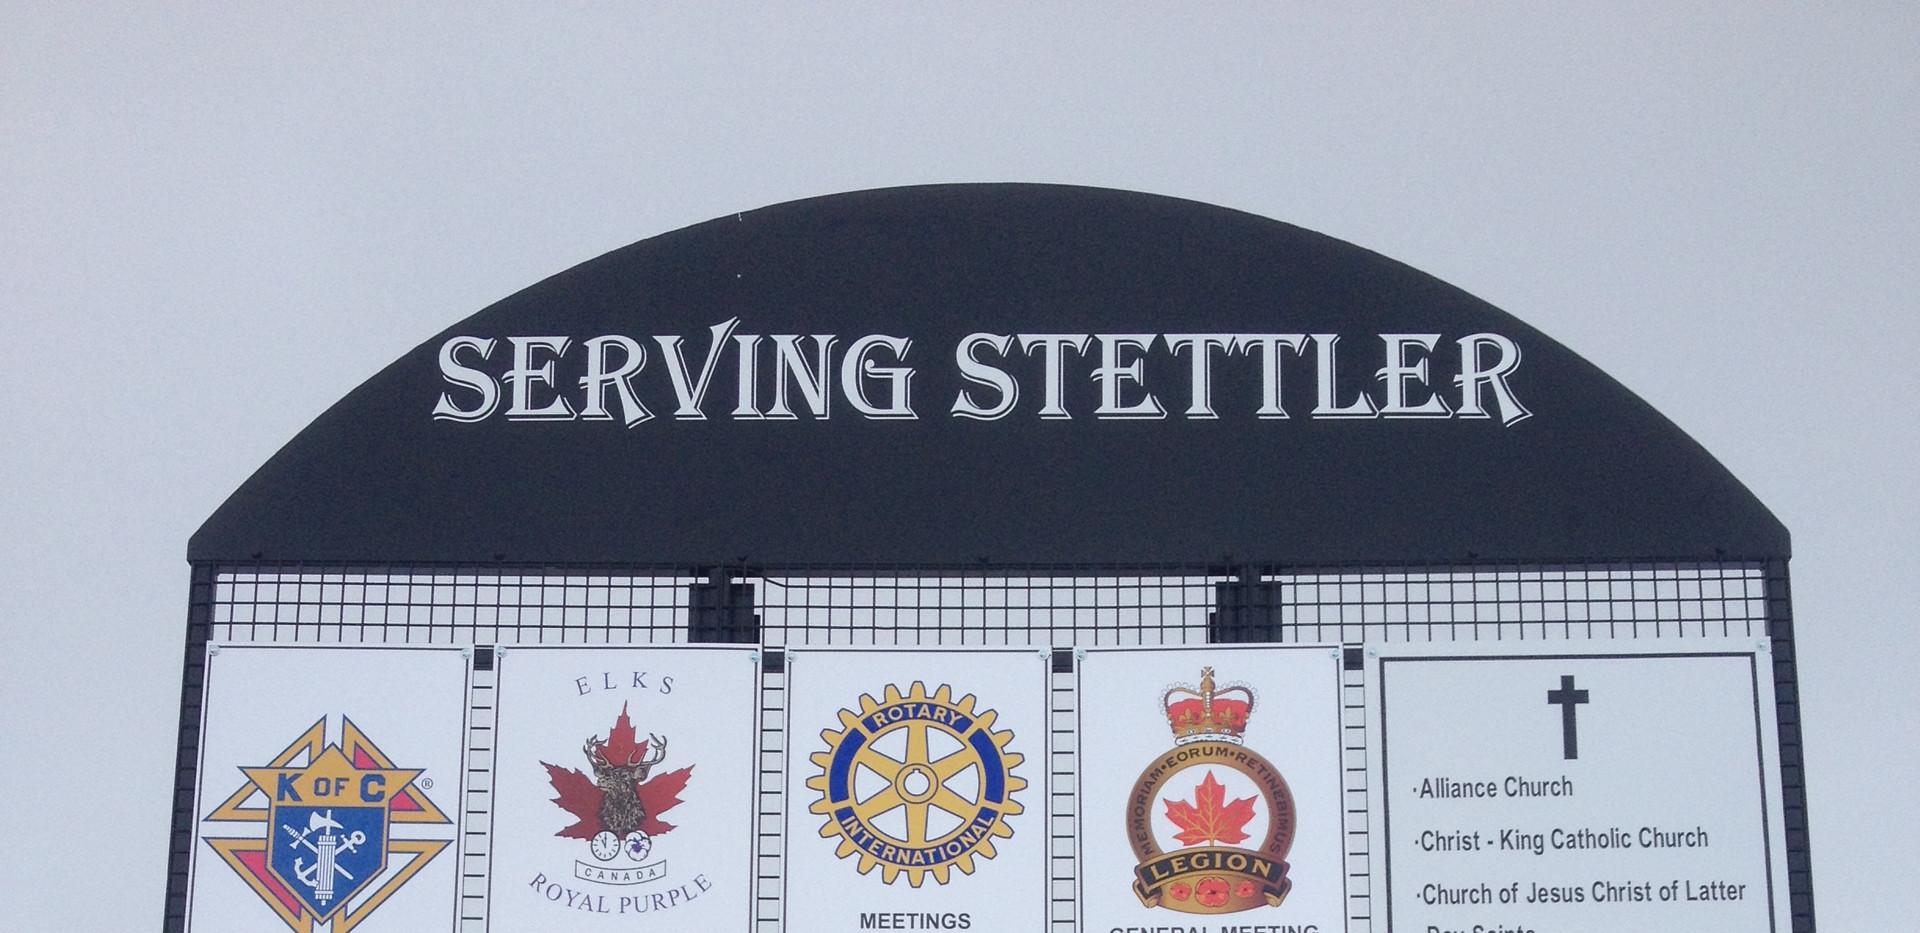 Serving Stettler Signs